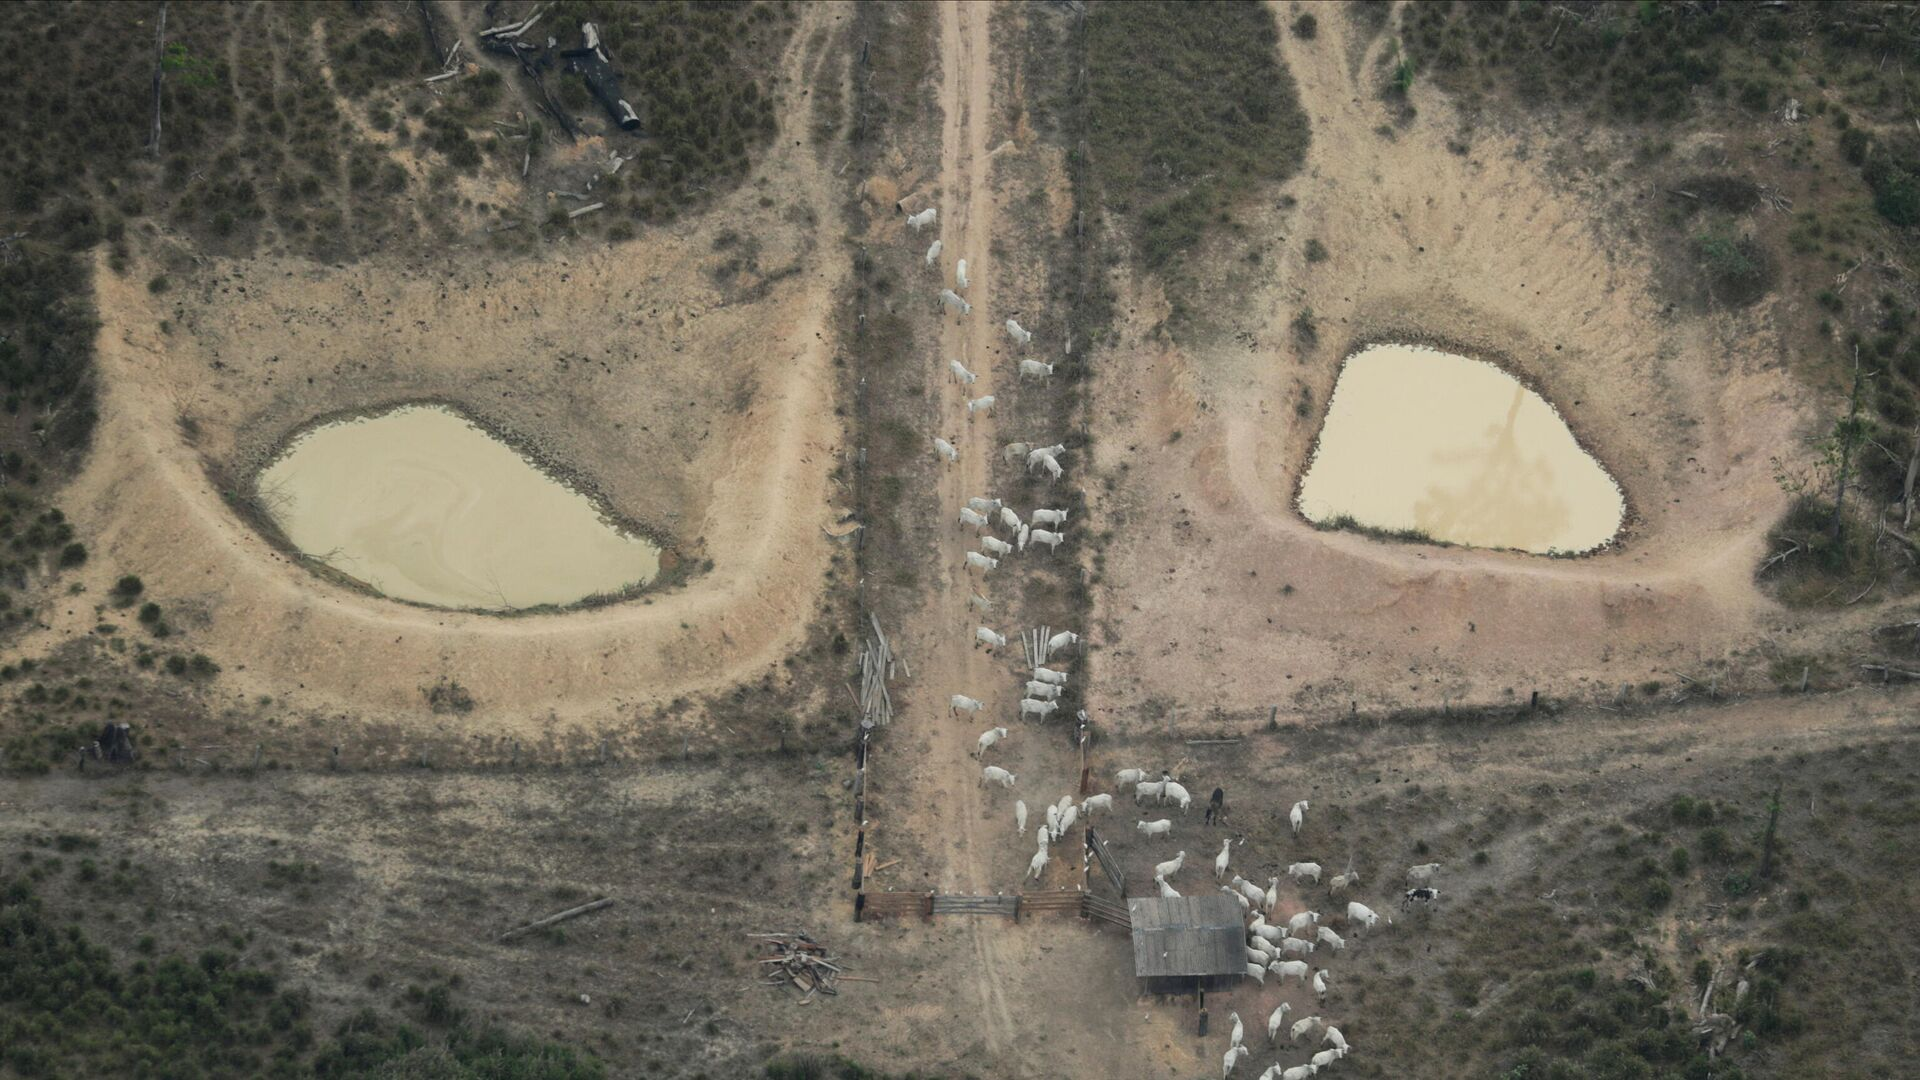 Una vista aérea muestra un ganado en una parcela deforestada amazónica cerca de Porto Velho, estado de Rondonia, Brasil, 14 de agosto de 2020/ Foto de archivo - Sputnik Mundo, 1920, 09.07.2021